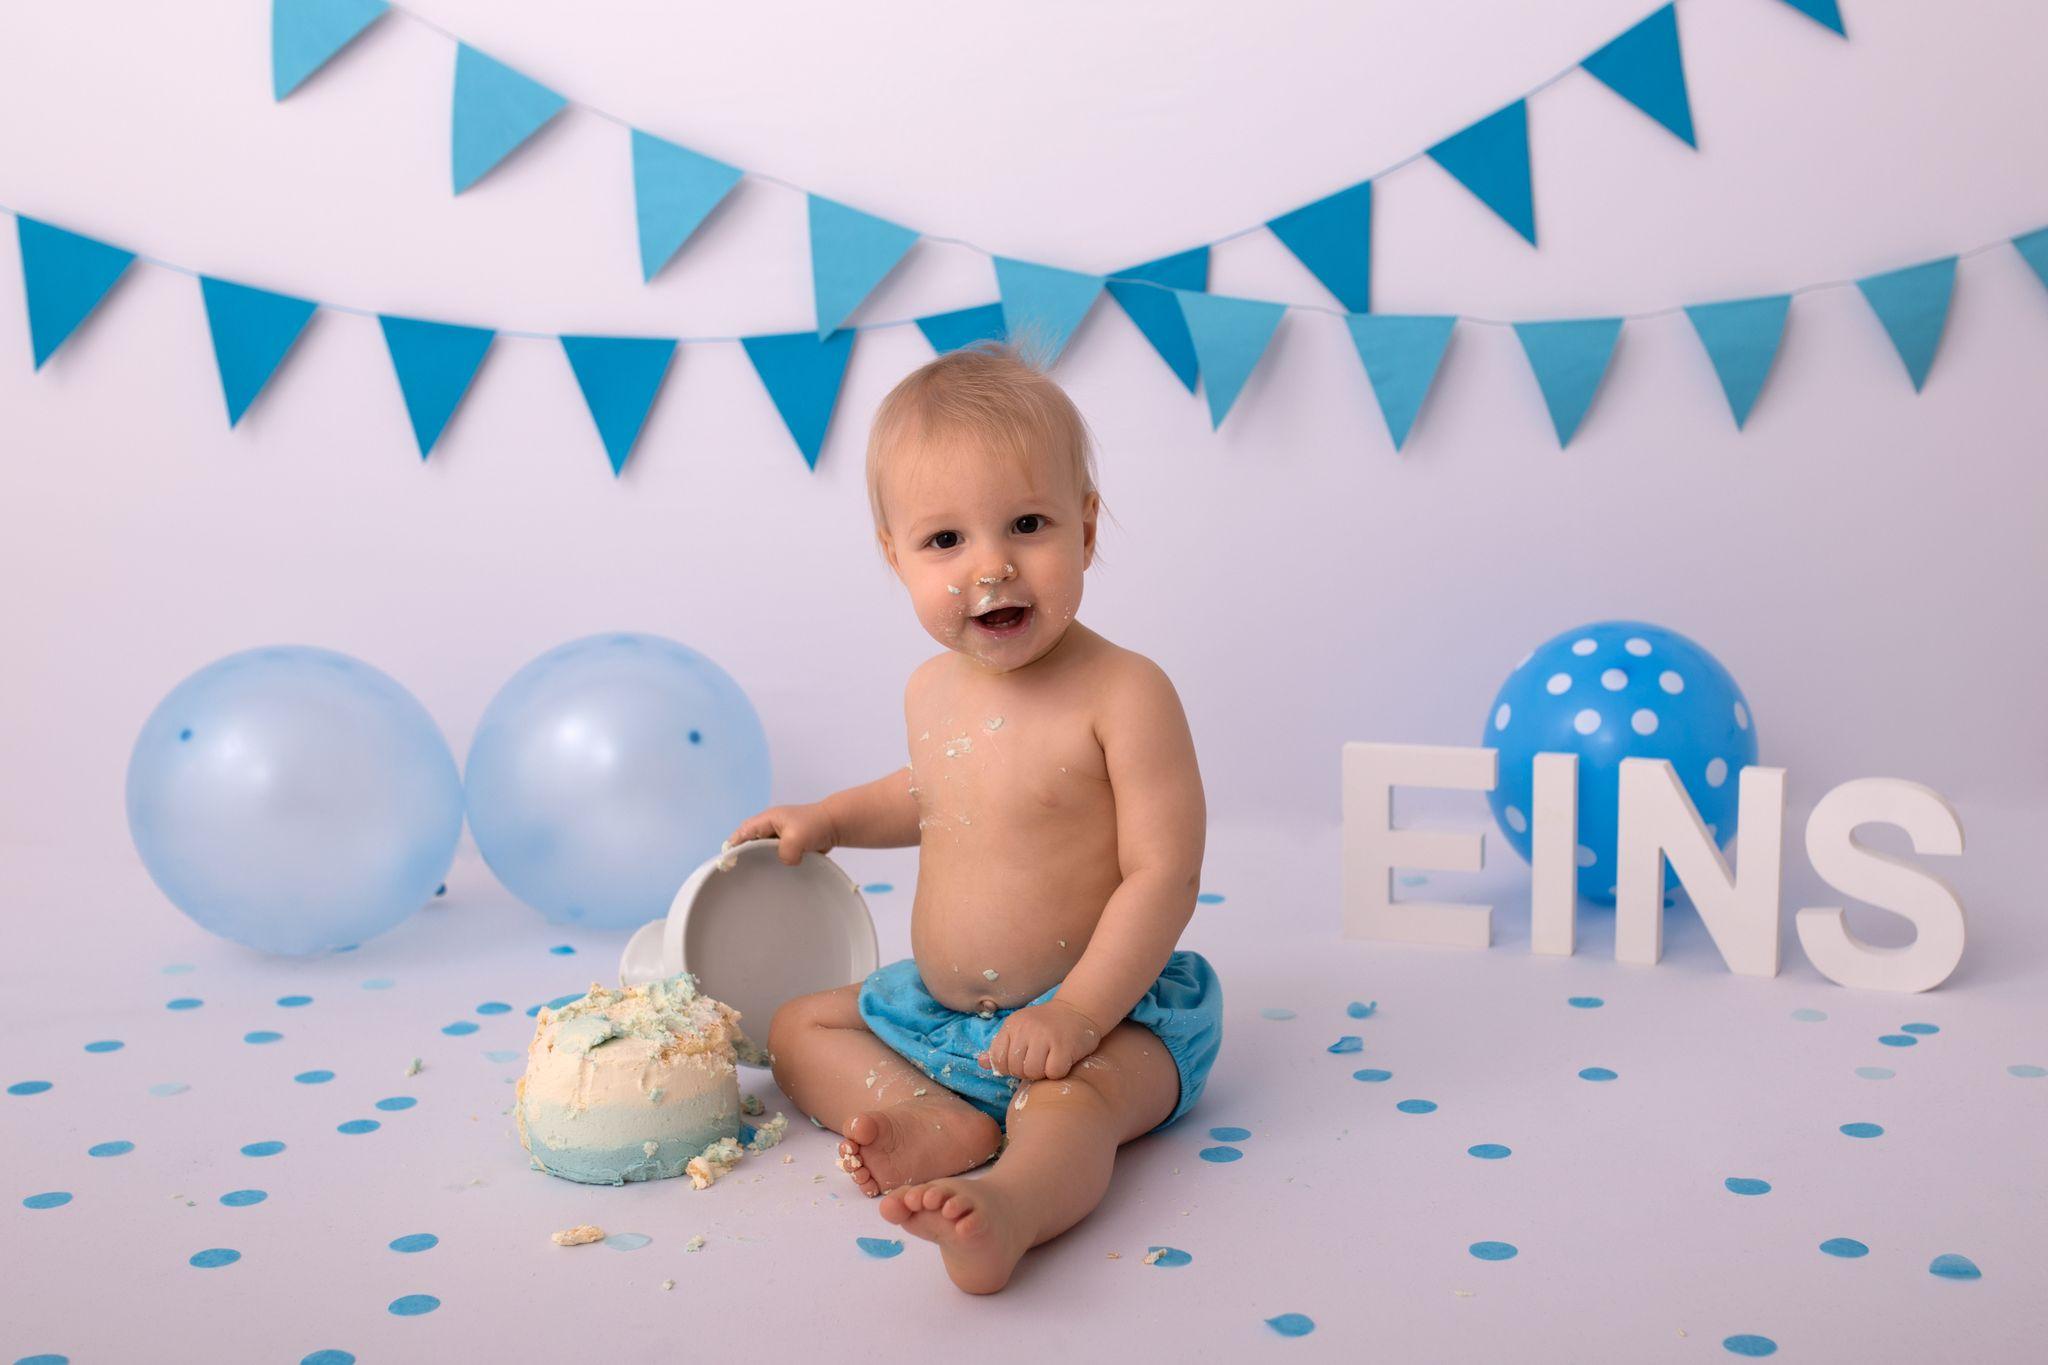 ein lachendes mit Torte beklecktes Geburtstagskind zeigt sich auf dem Bild zum Cake Smash Portfolio